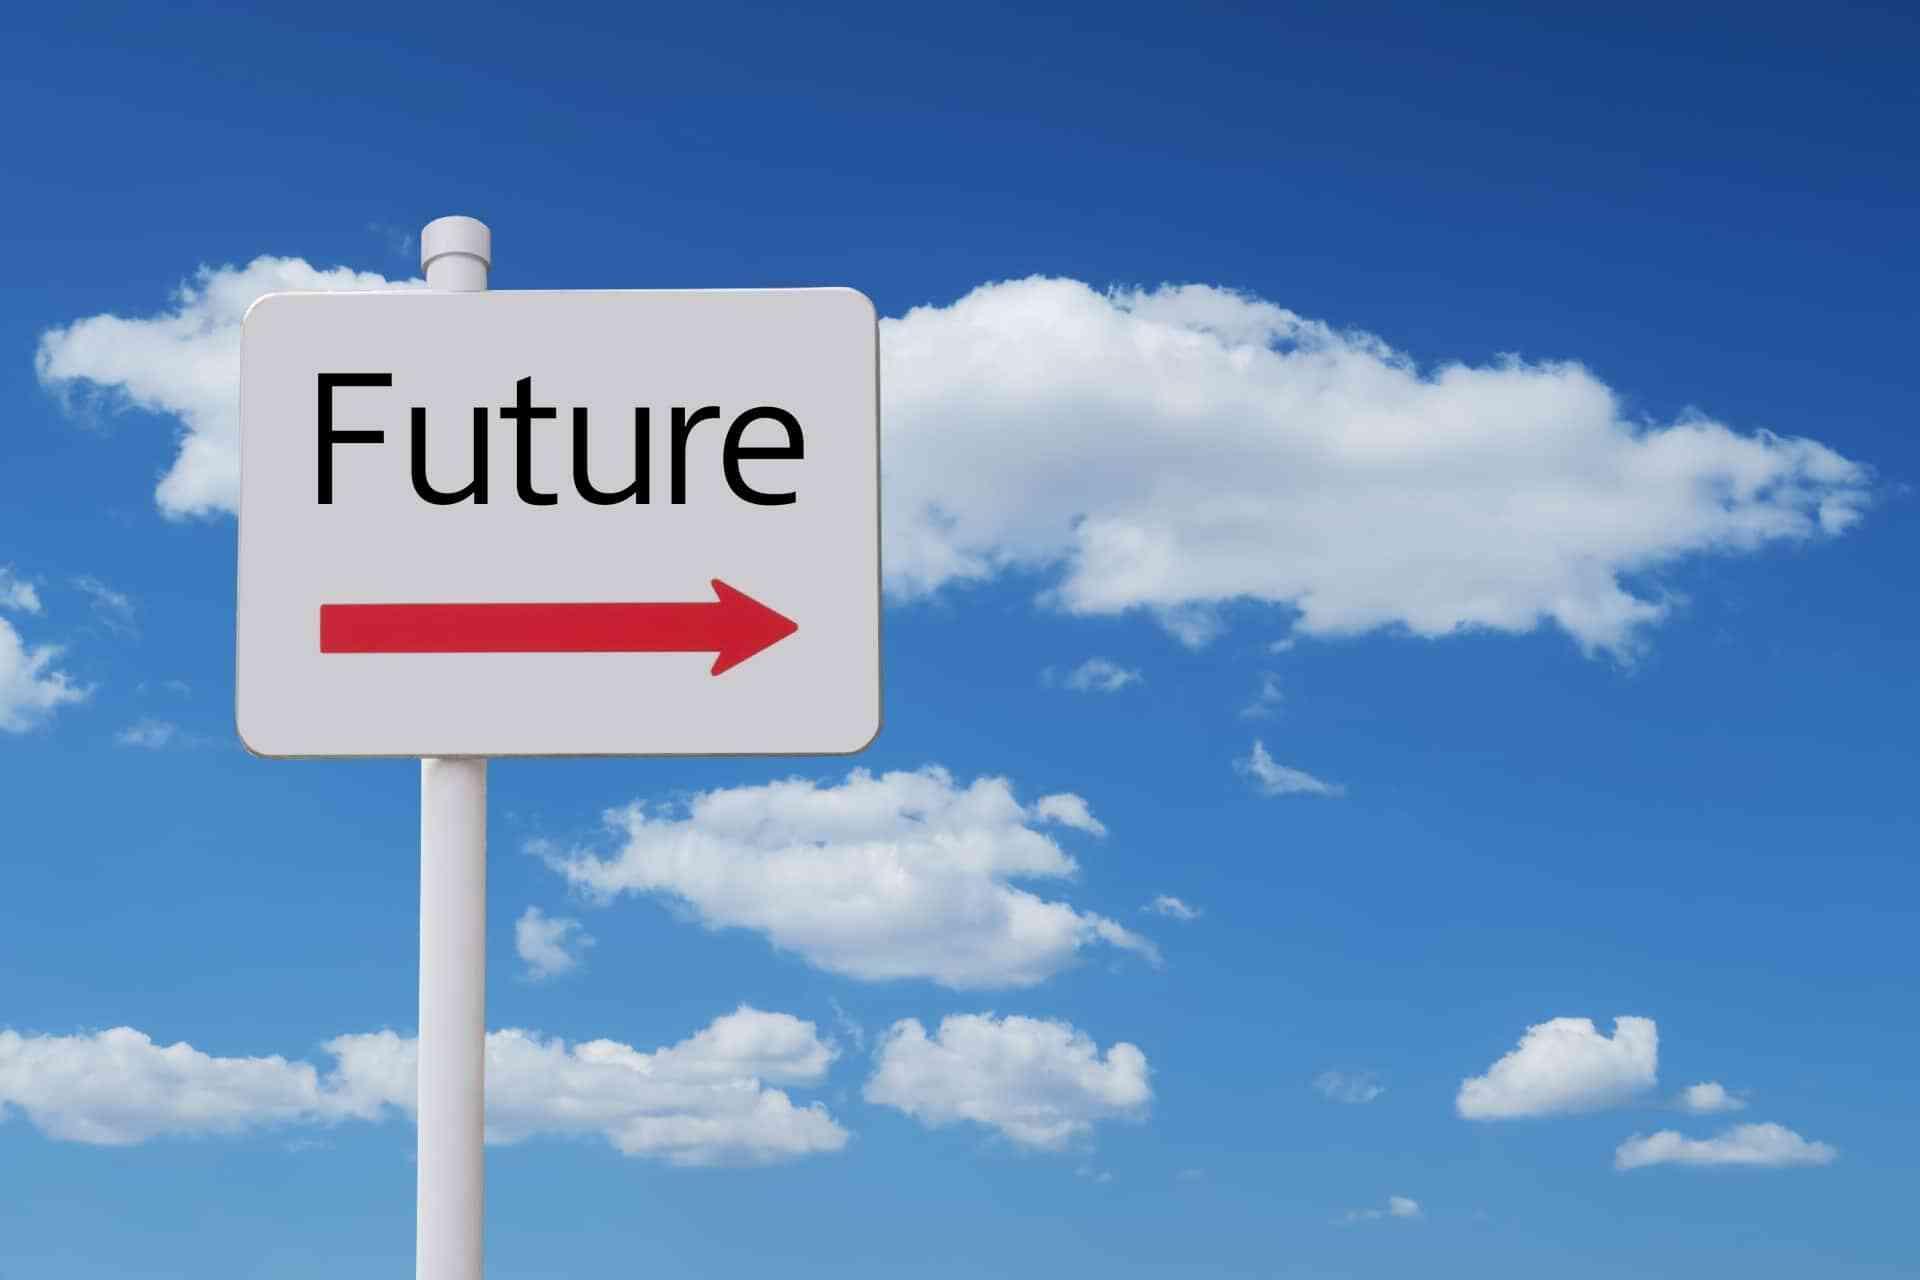 【予想】就活が今後はいつから始まるようになるのか